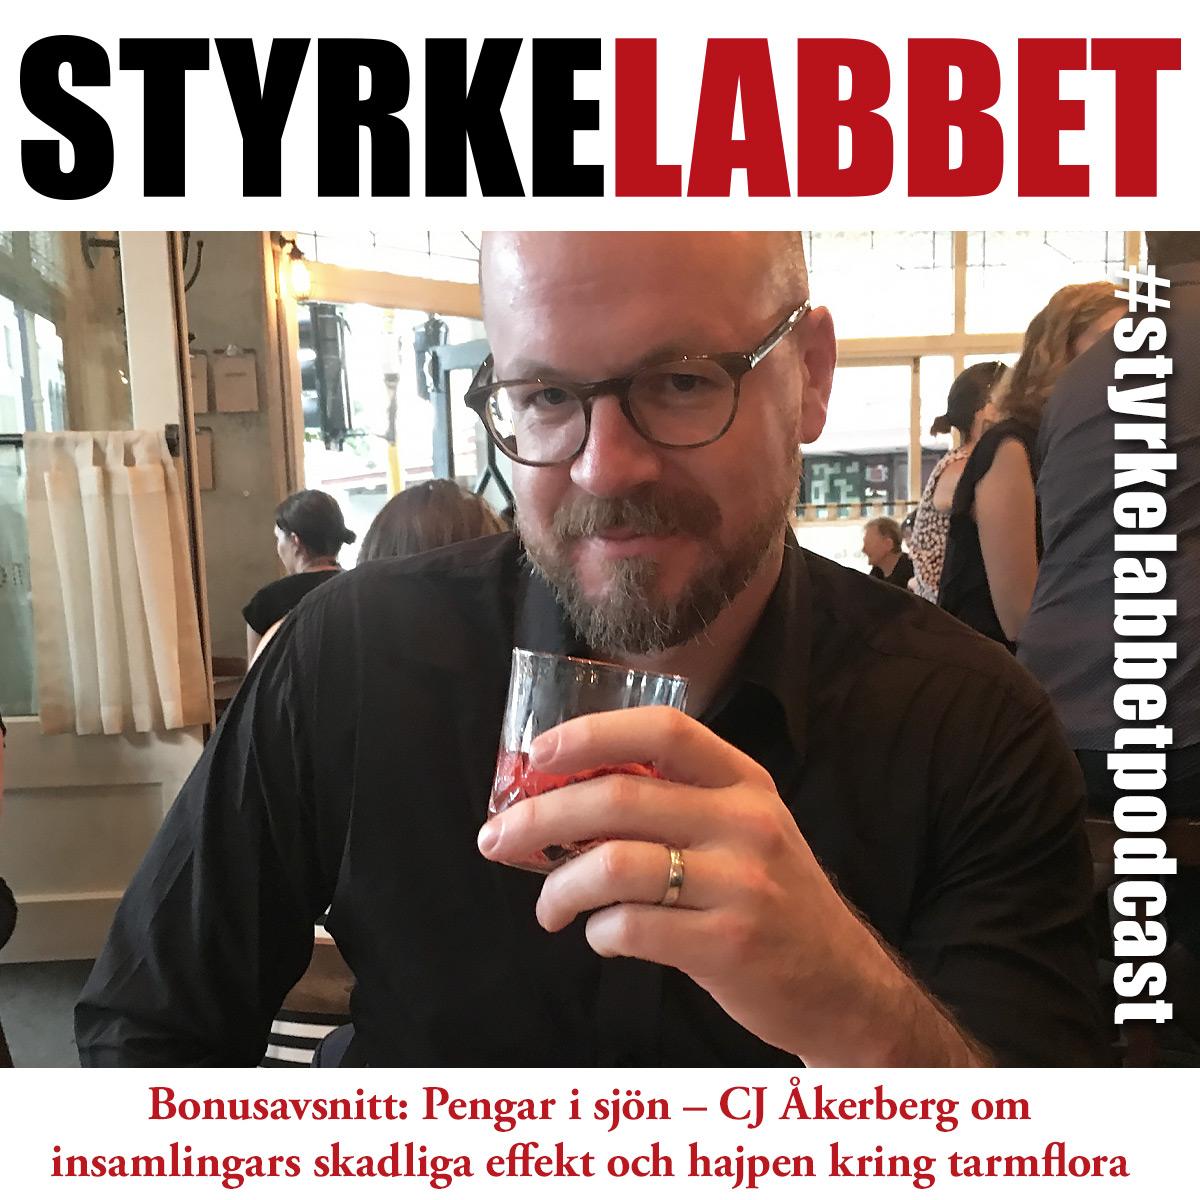 Styrkelabbet bonusavsnitt: Pengar i sjön – CJ Åkerberg om insamlingars skadliga effekt och hajpen kring tarmflora